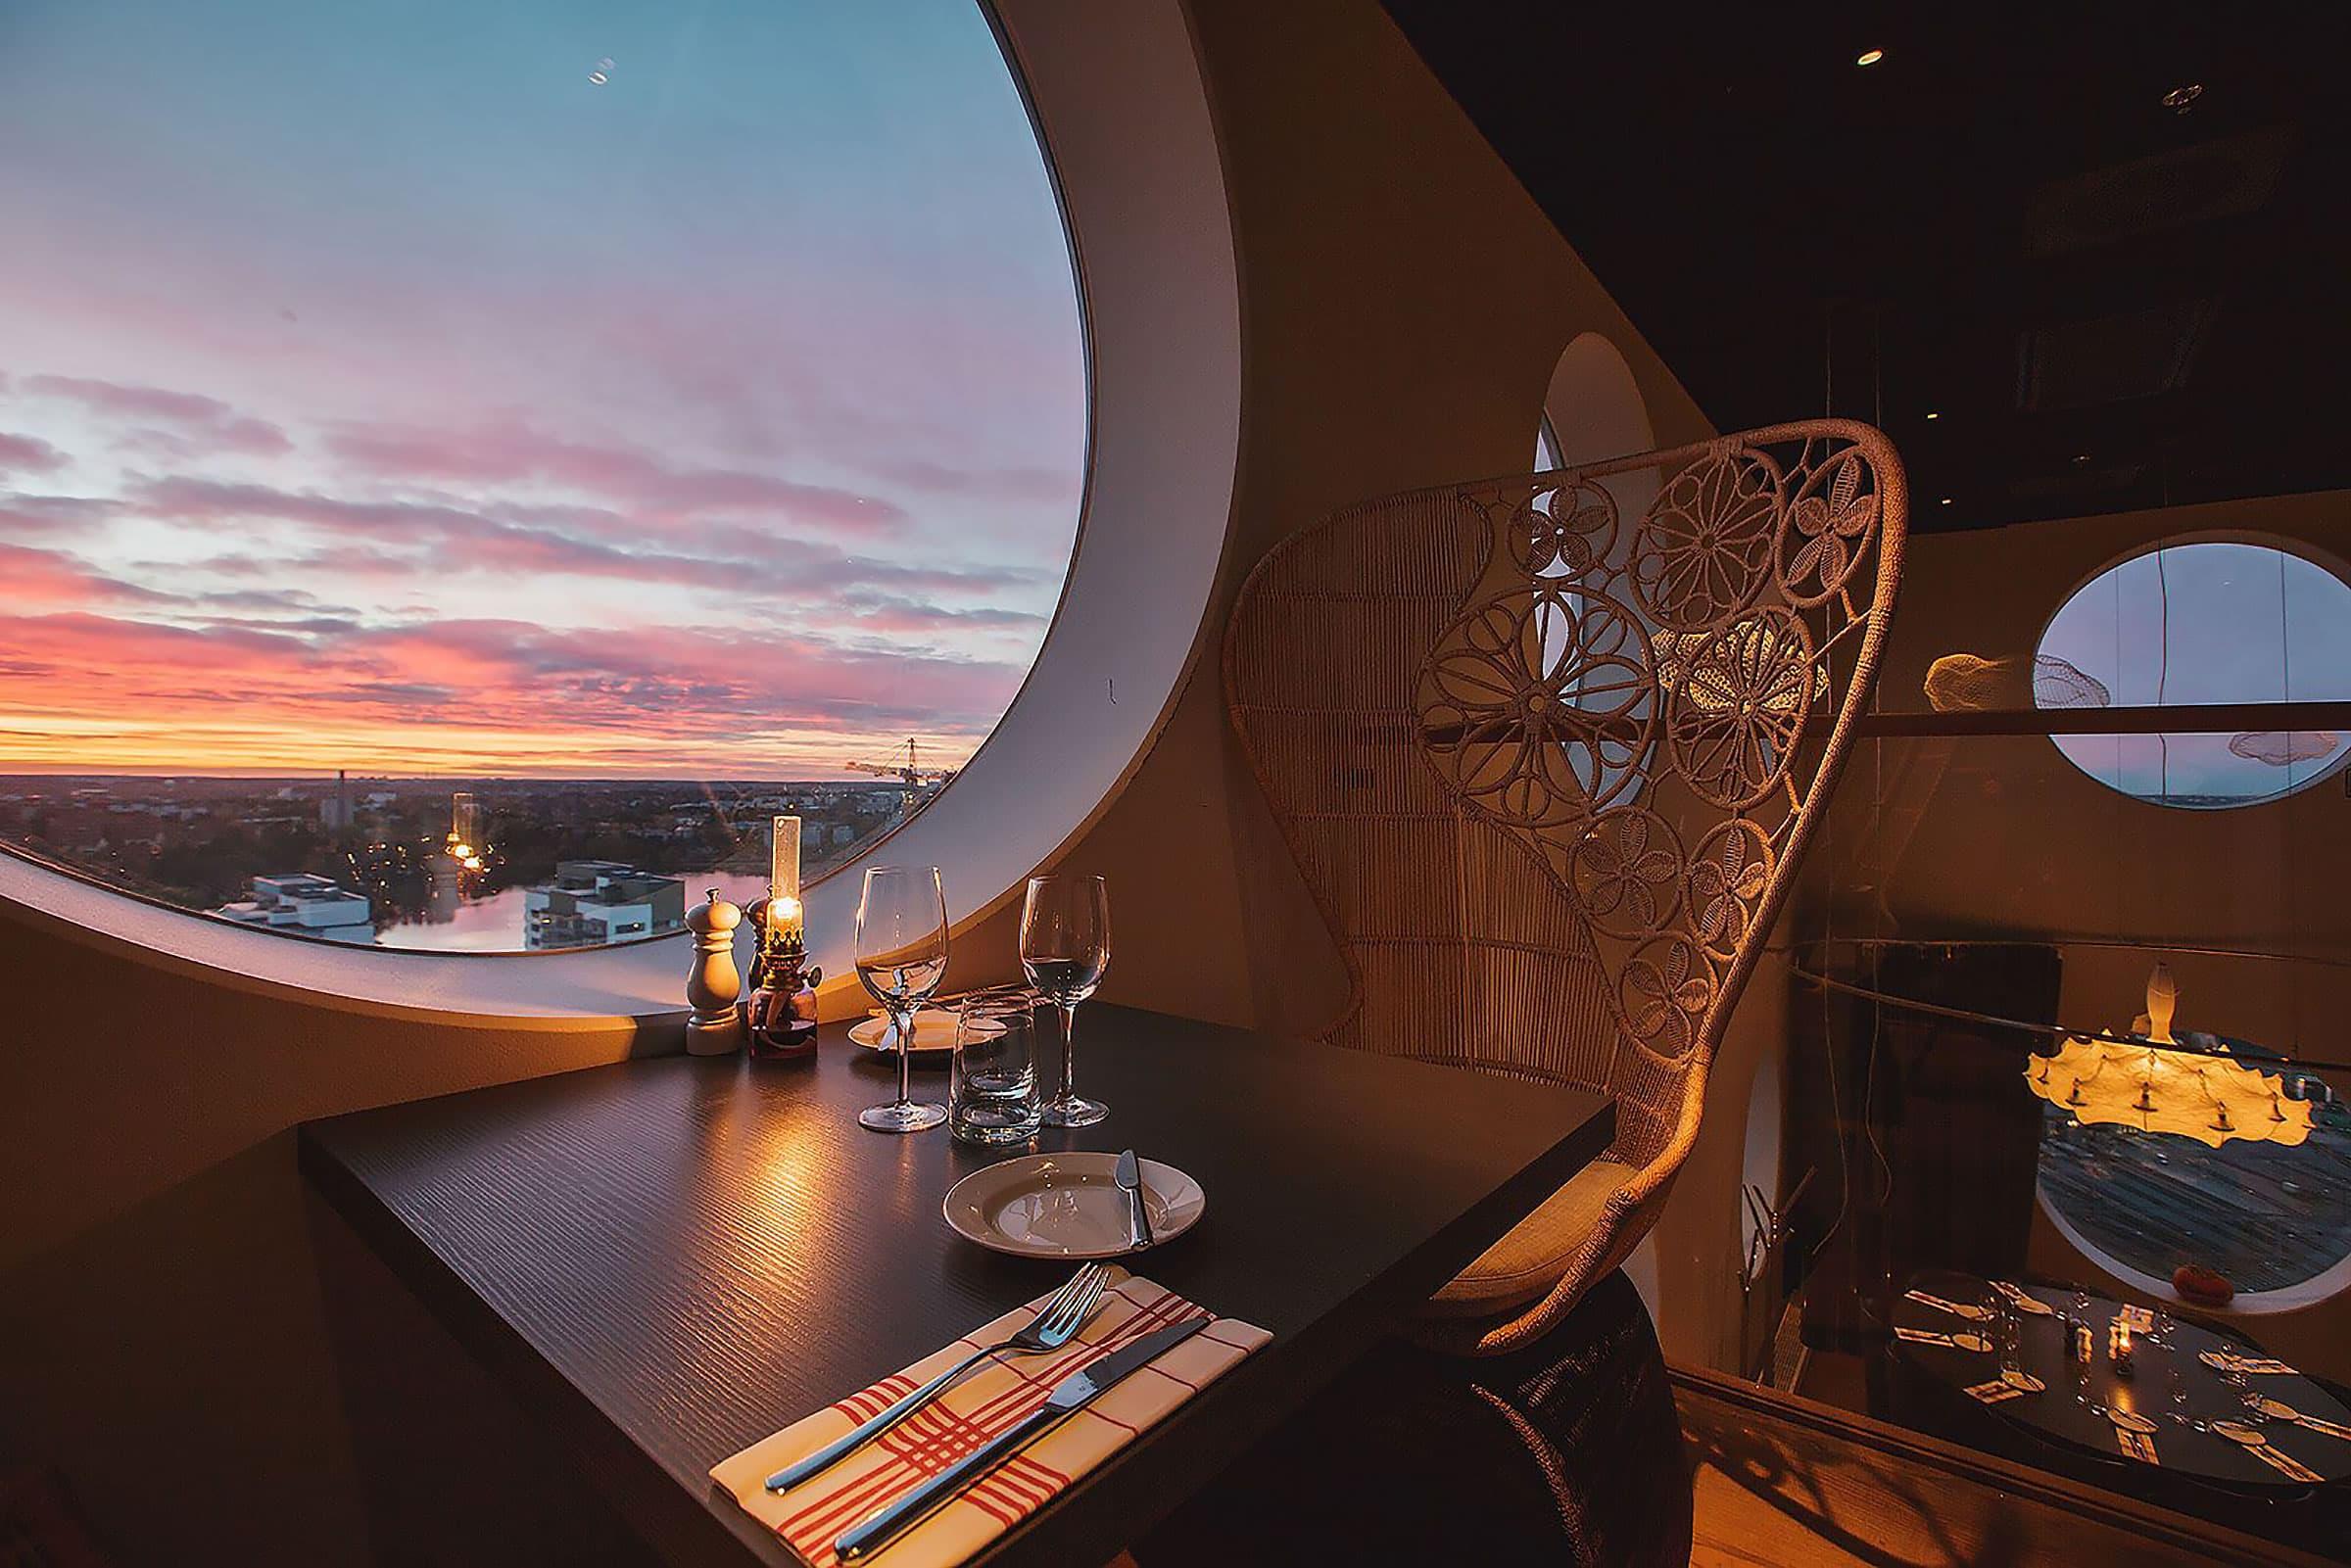 fira födelsedag malmö Guiden till romantiska restauranger i Malmö – Thatsup fira födelsedag malmö